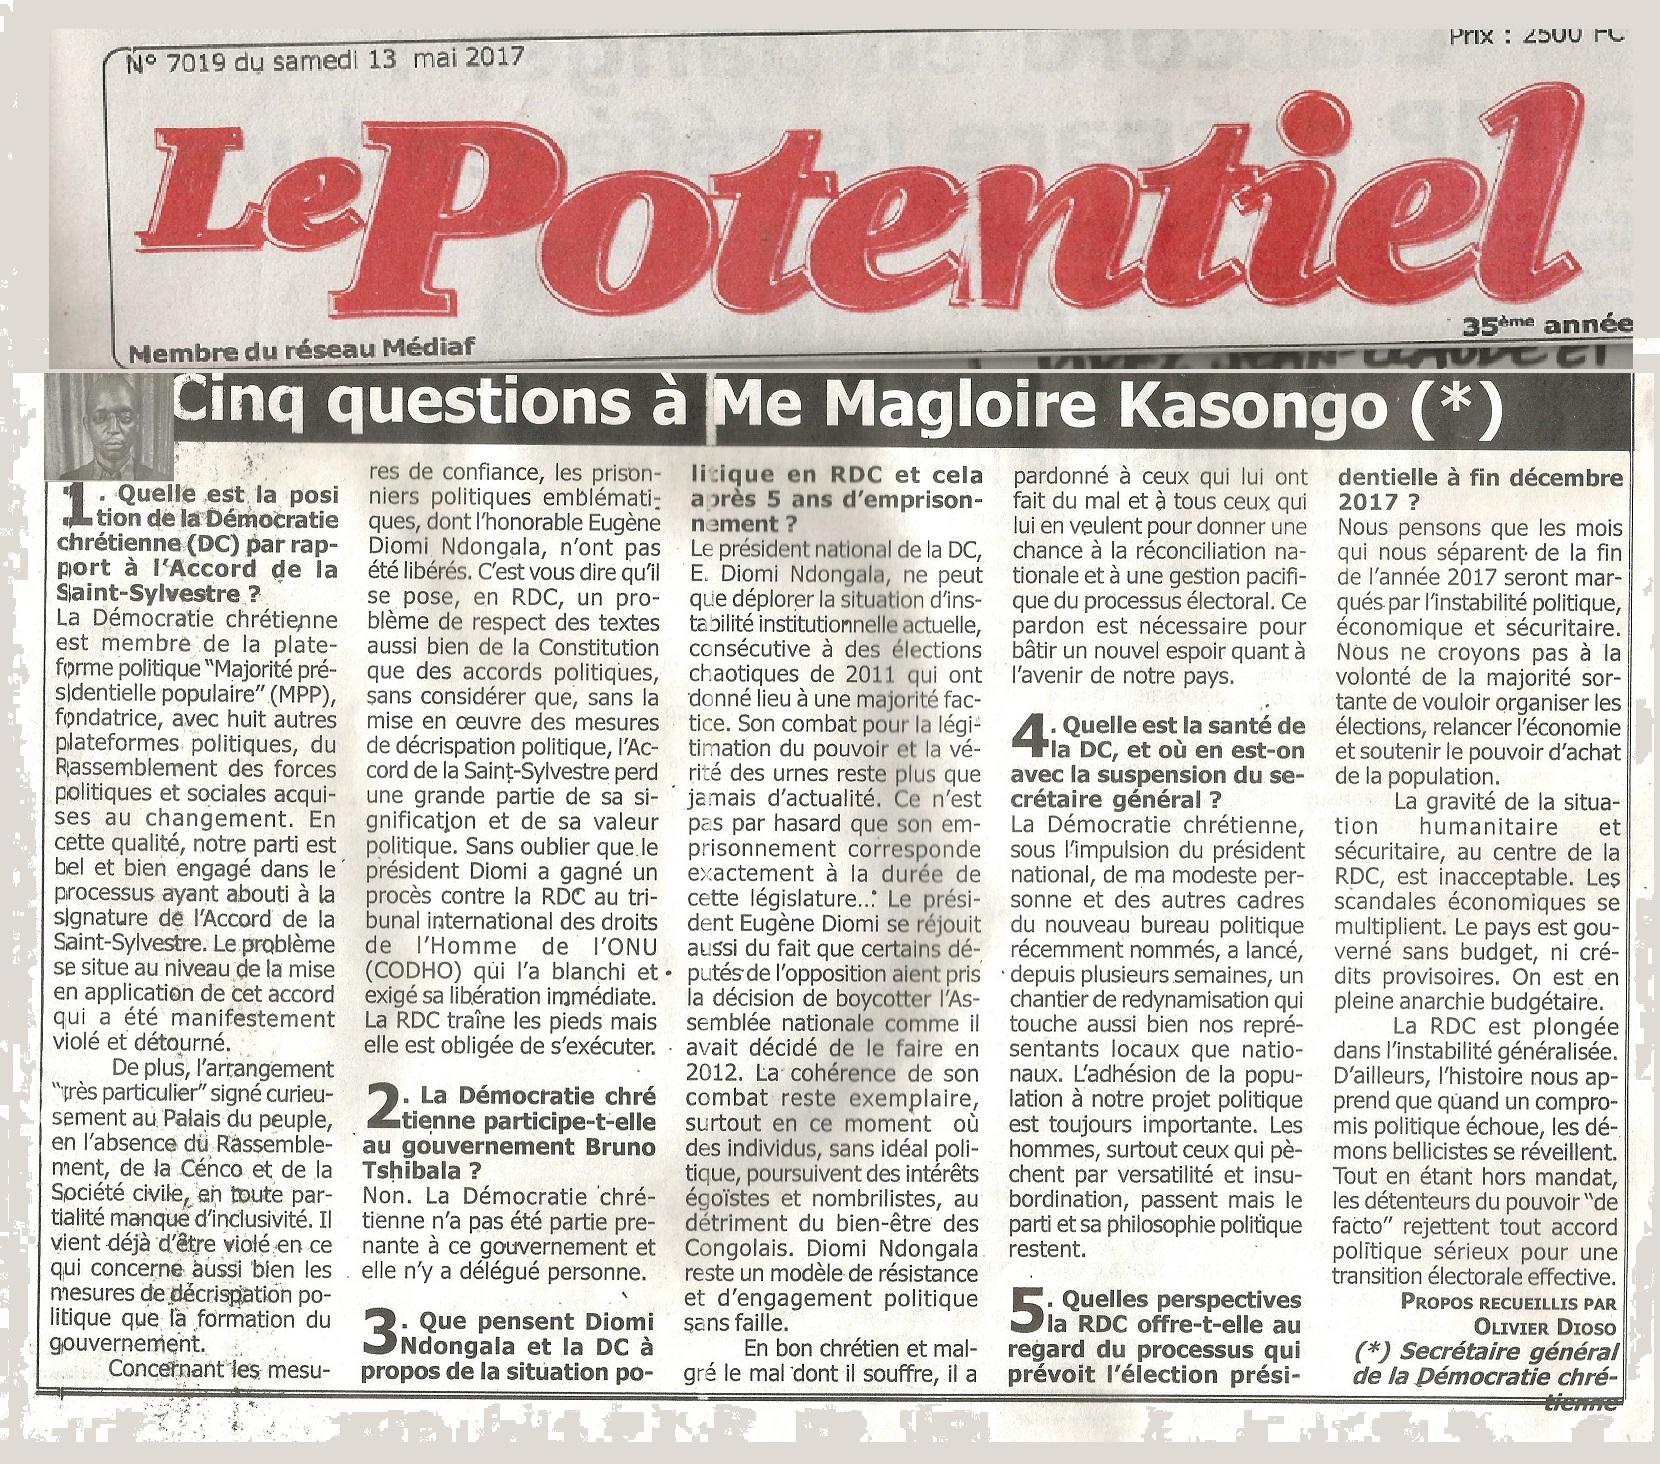 LE POTENTIEL 130517 MAGLOIRE